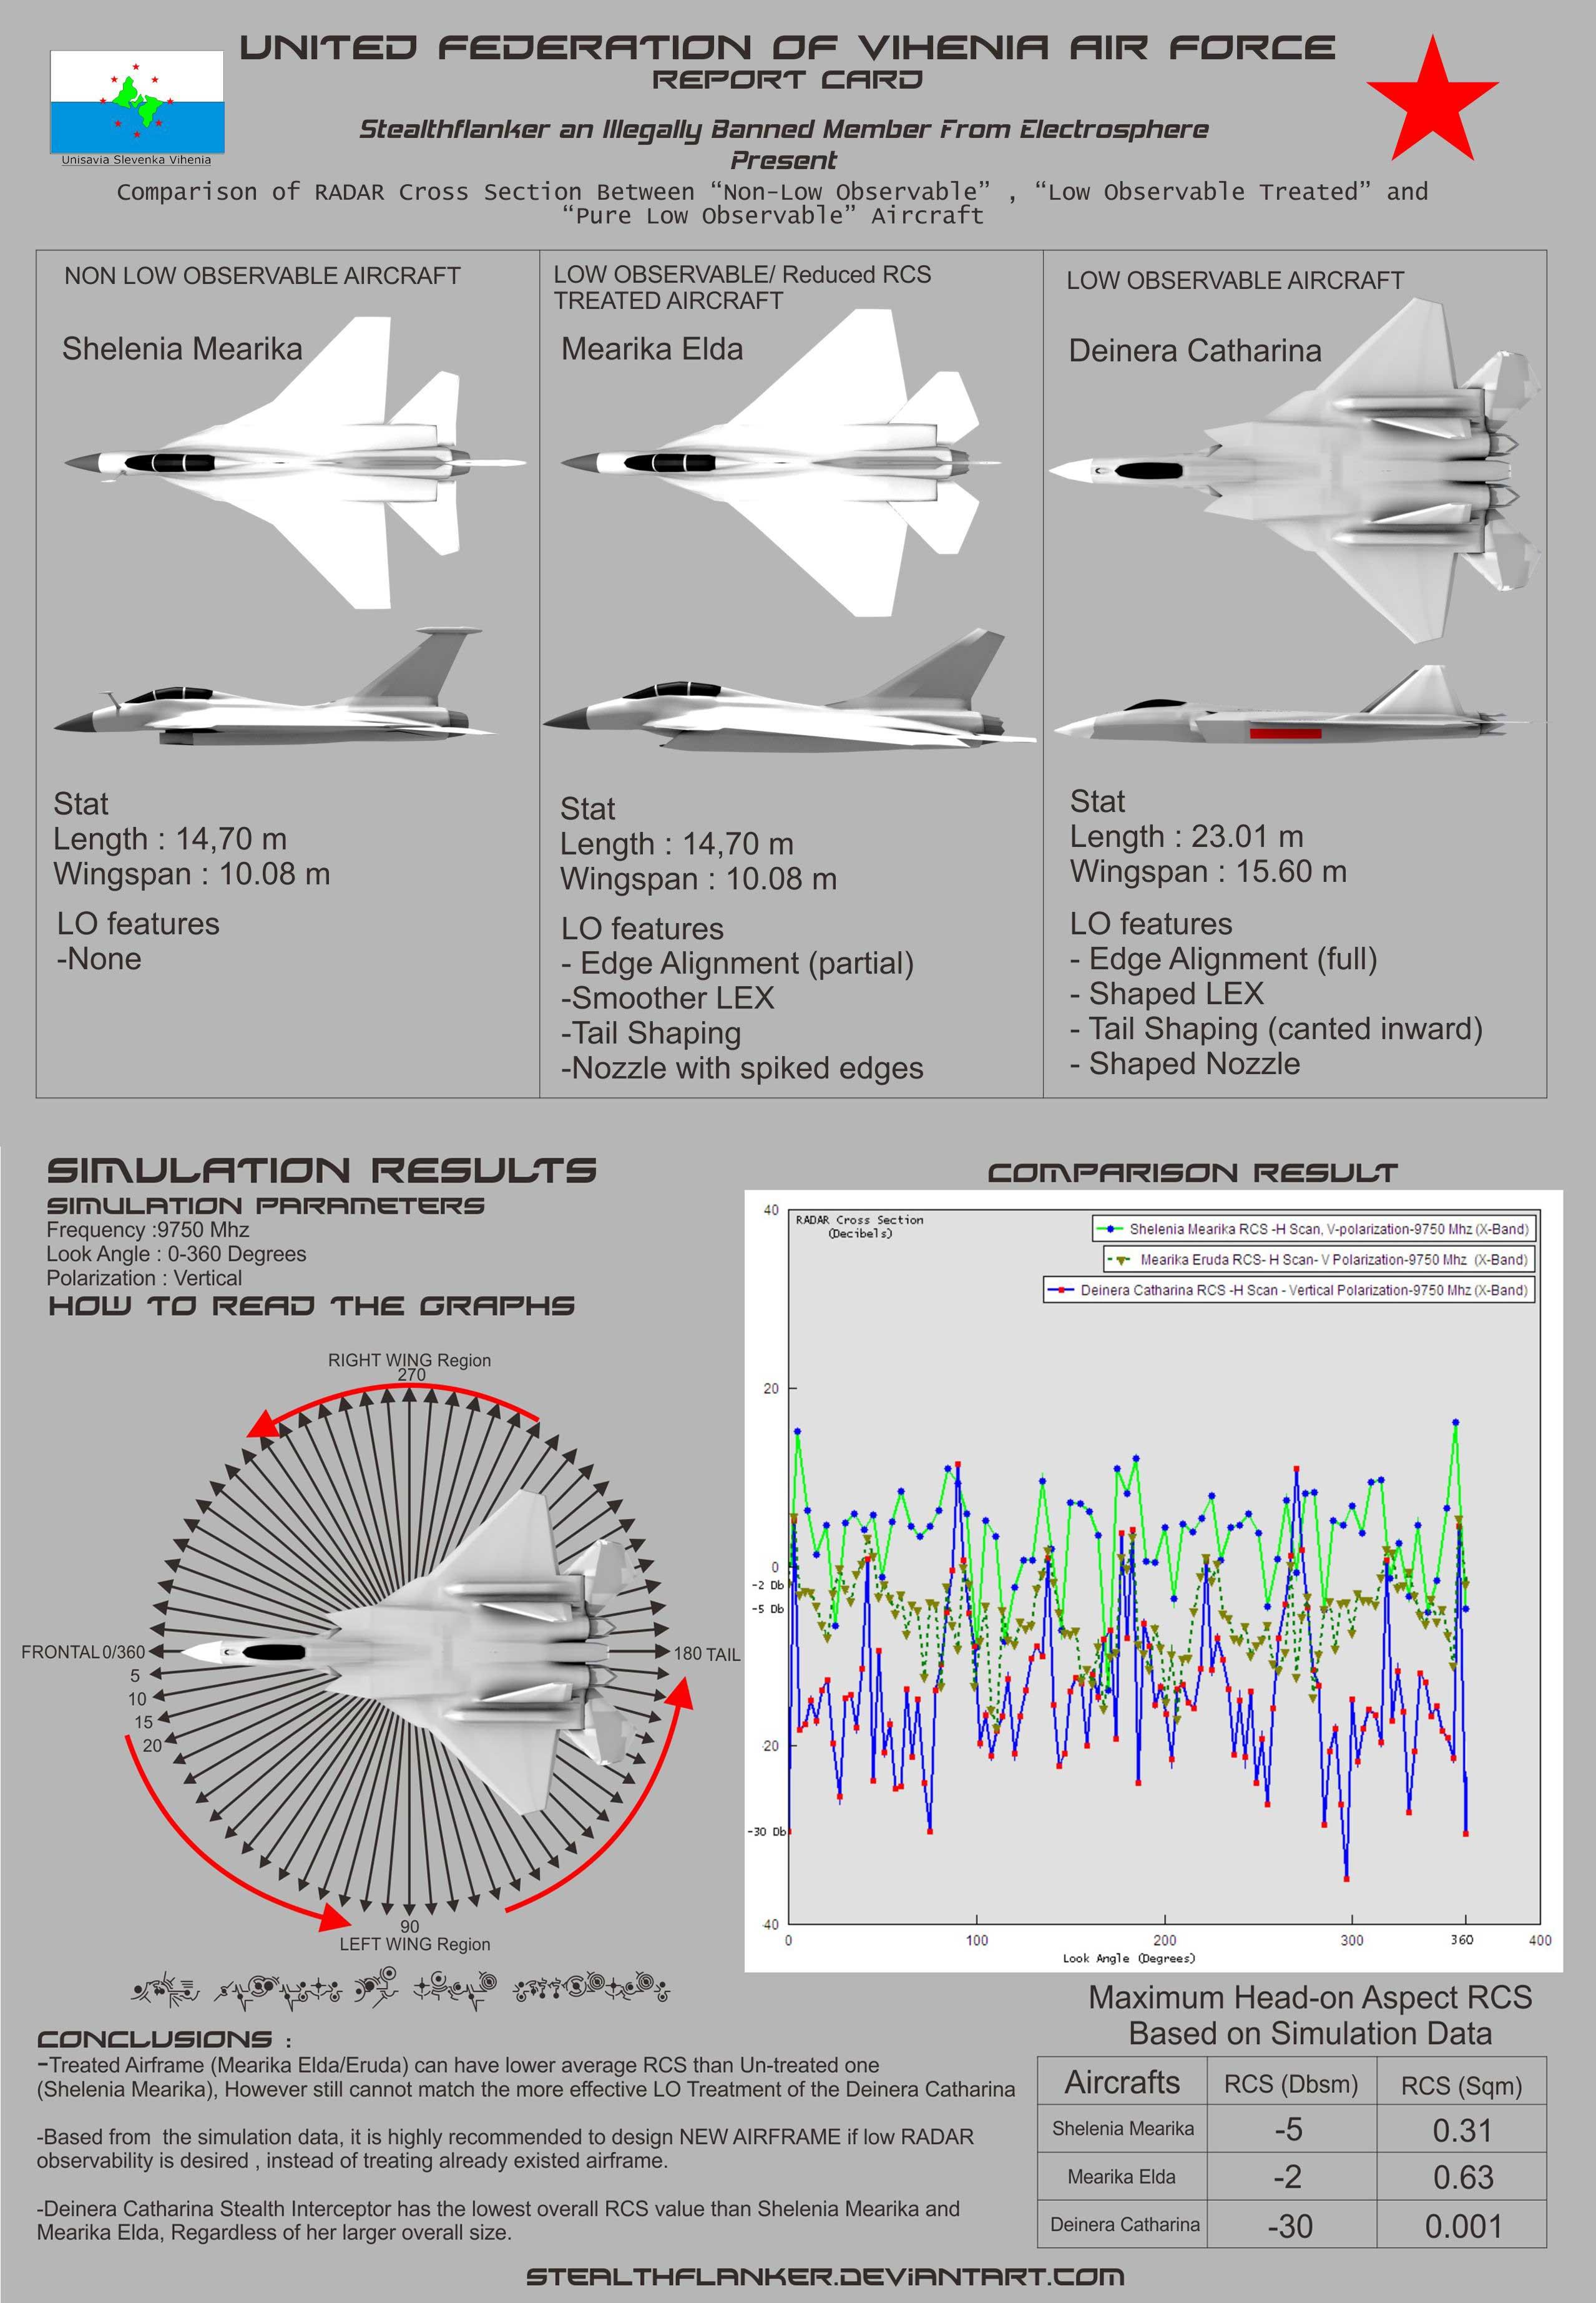 http://fc02.deviantart.net/fs71/f/2011/175/9/9/aircraft_rcs_comparison_by_stealthflanker-d3ju5hn.jpg